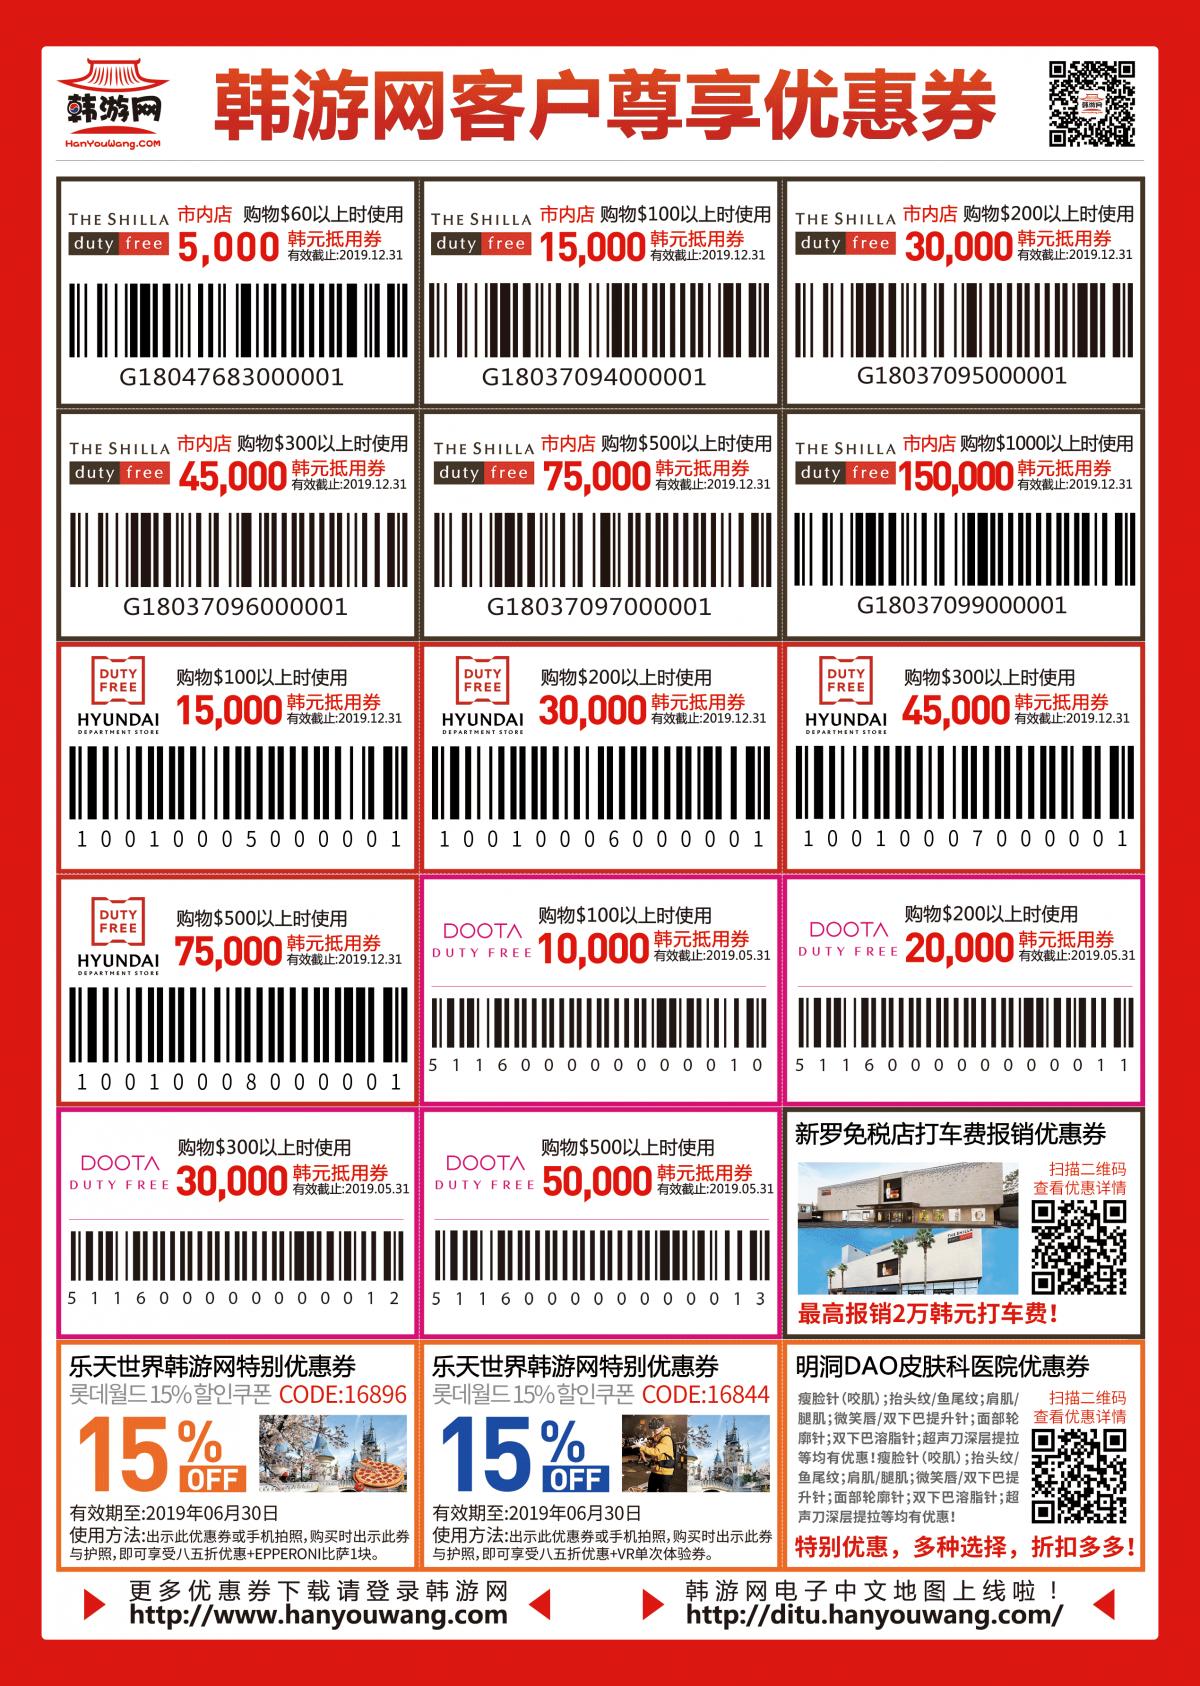 韩国免税店优惠券汇总